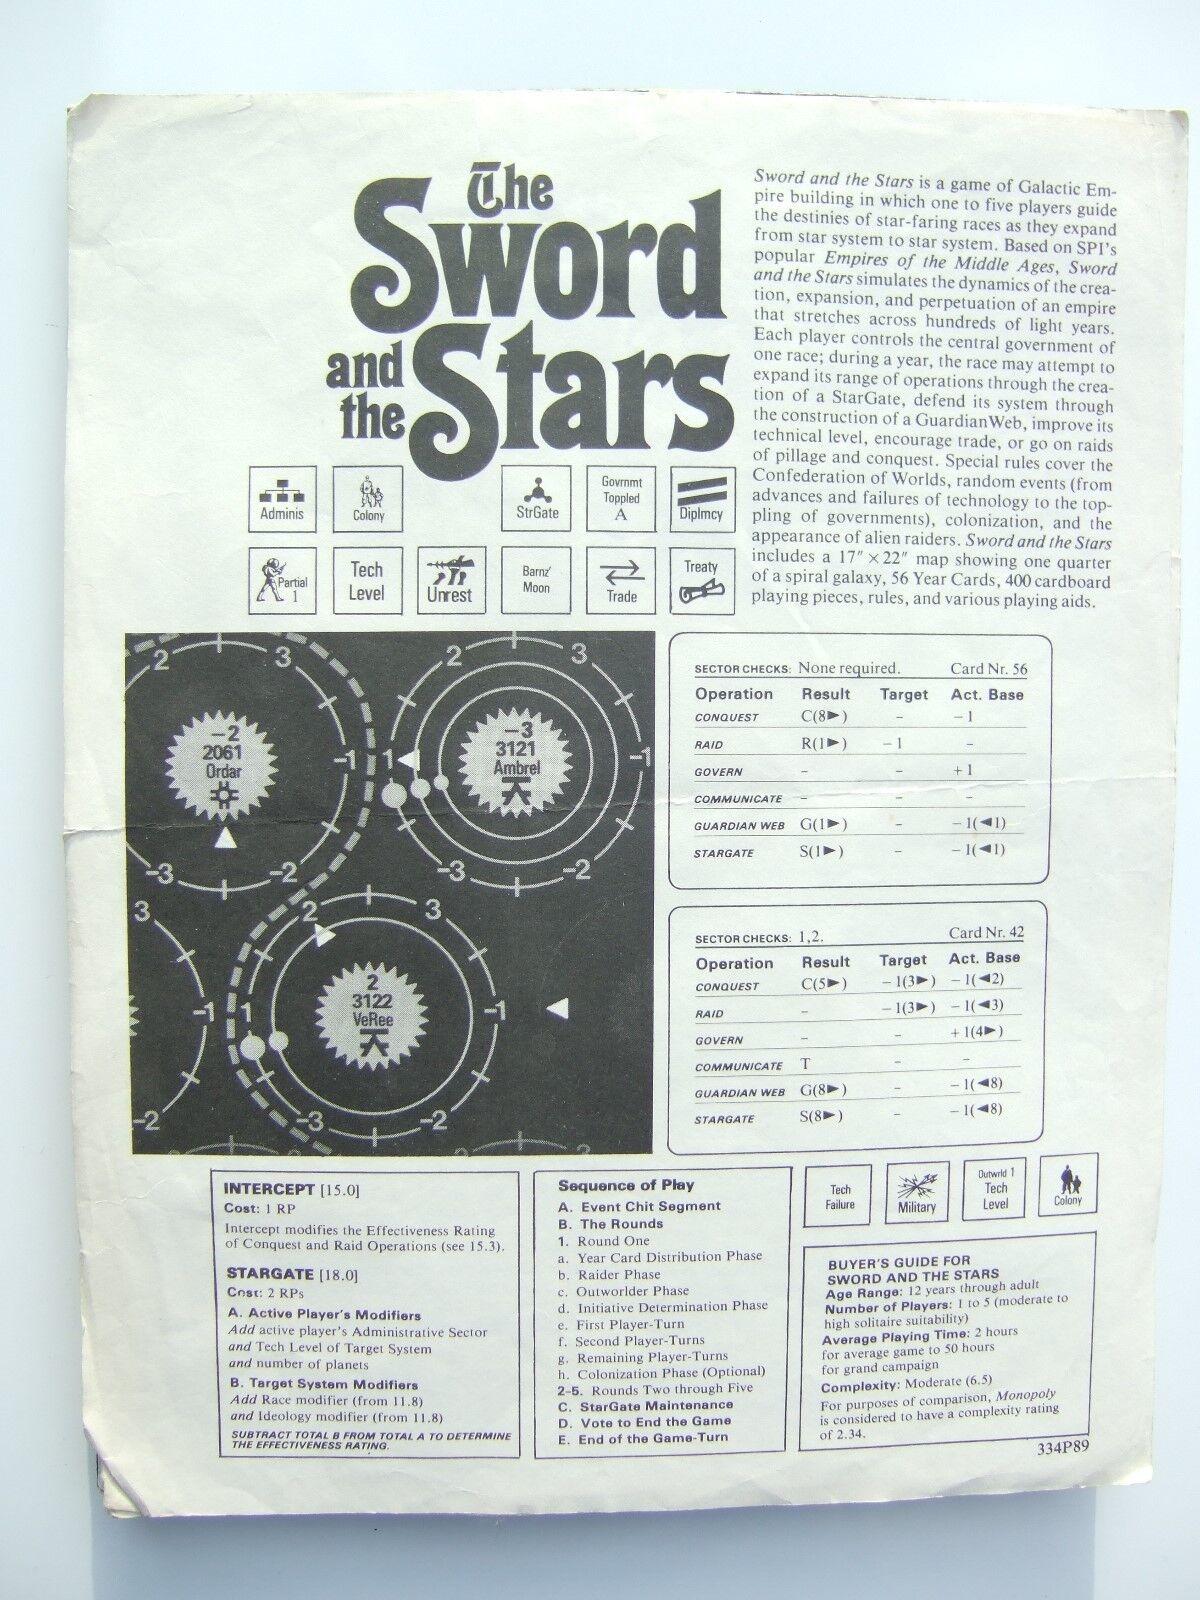 negozio fa acquisti e vendite La spada e e e le stelle DA SPI  vendita online